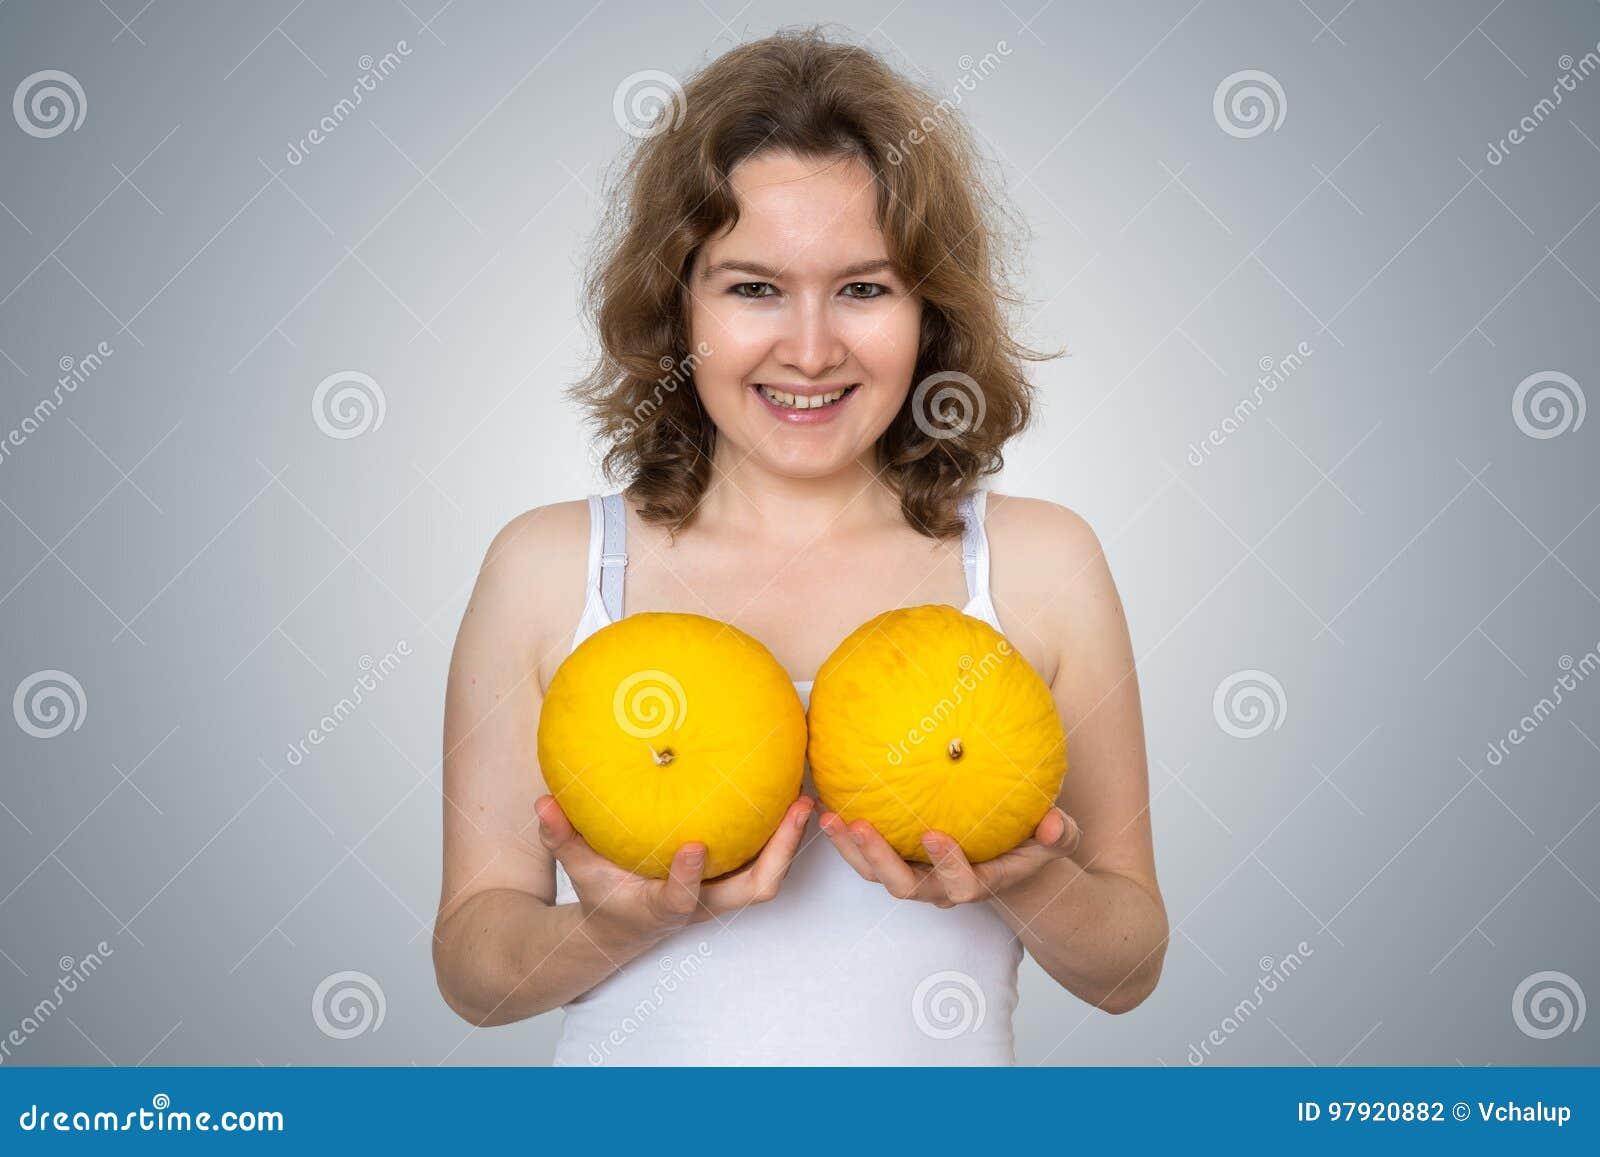 De jonge mooie vrouw houdt meloenen in handen boven haar borstplastische chirurgie en het silicone inplanteert concept